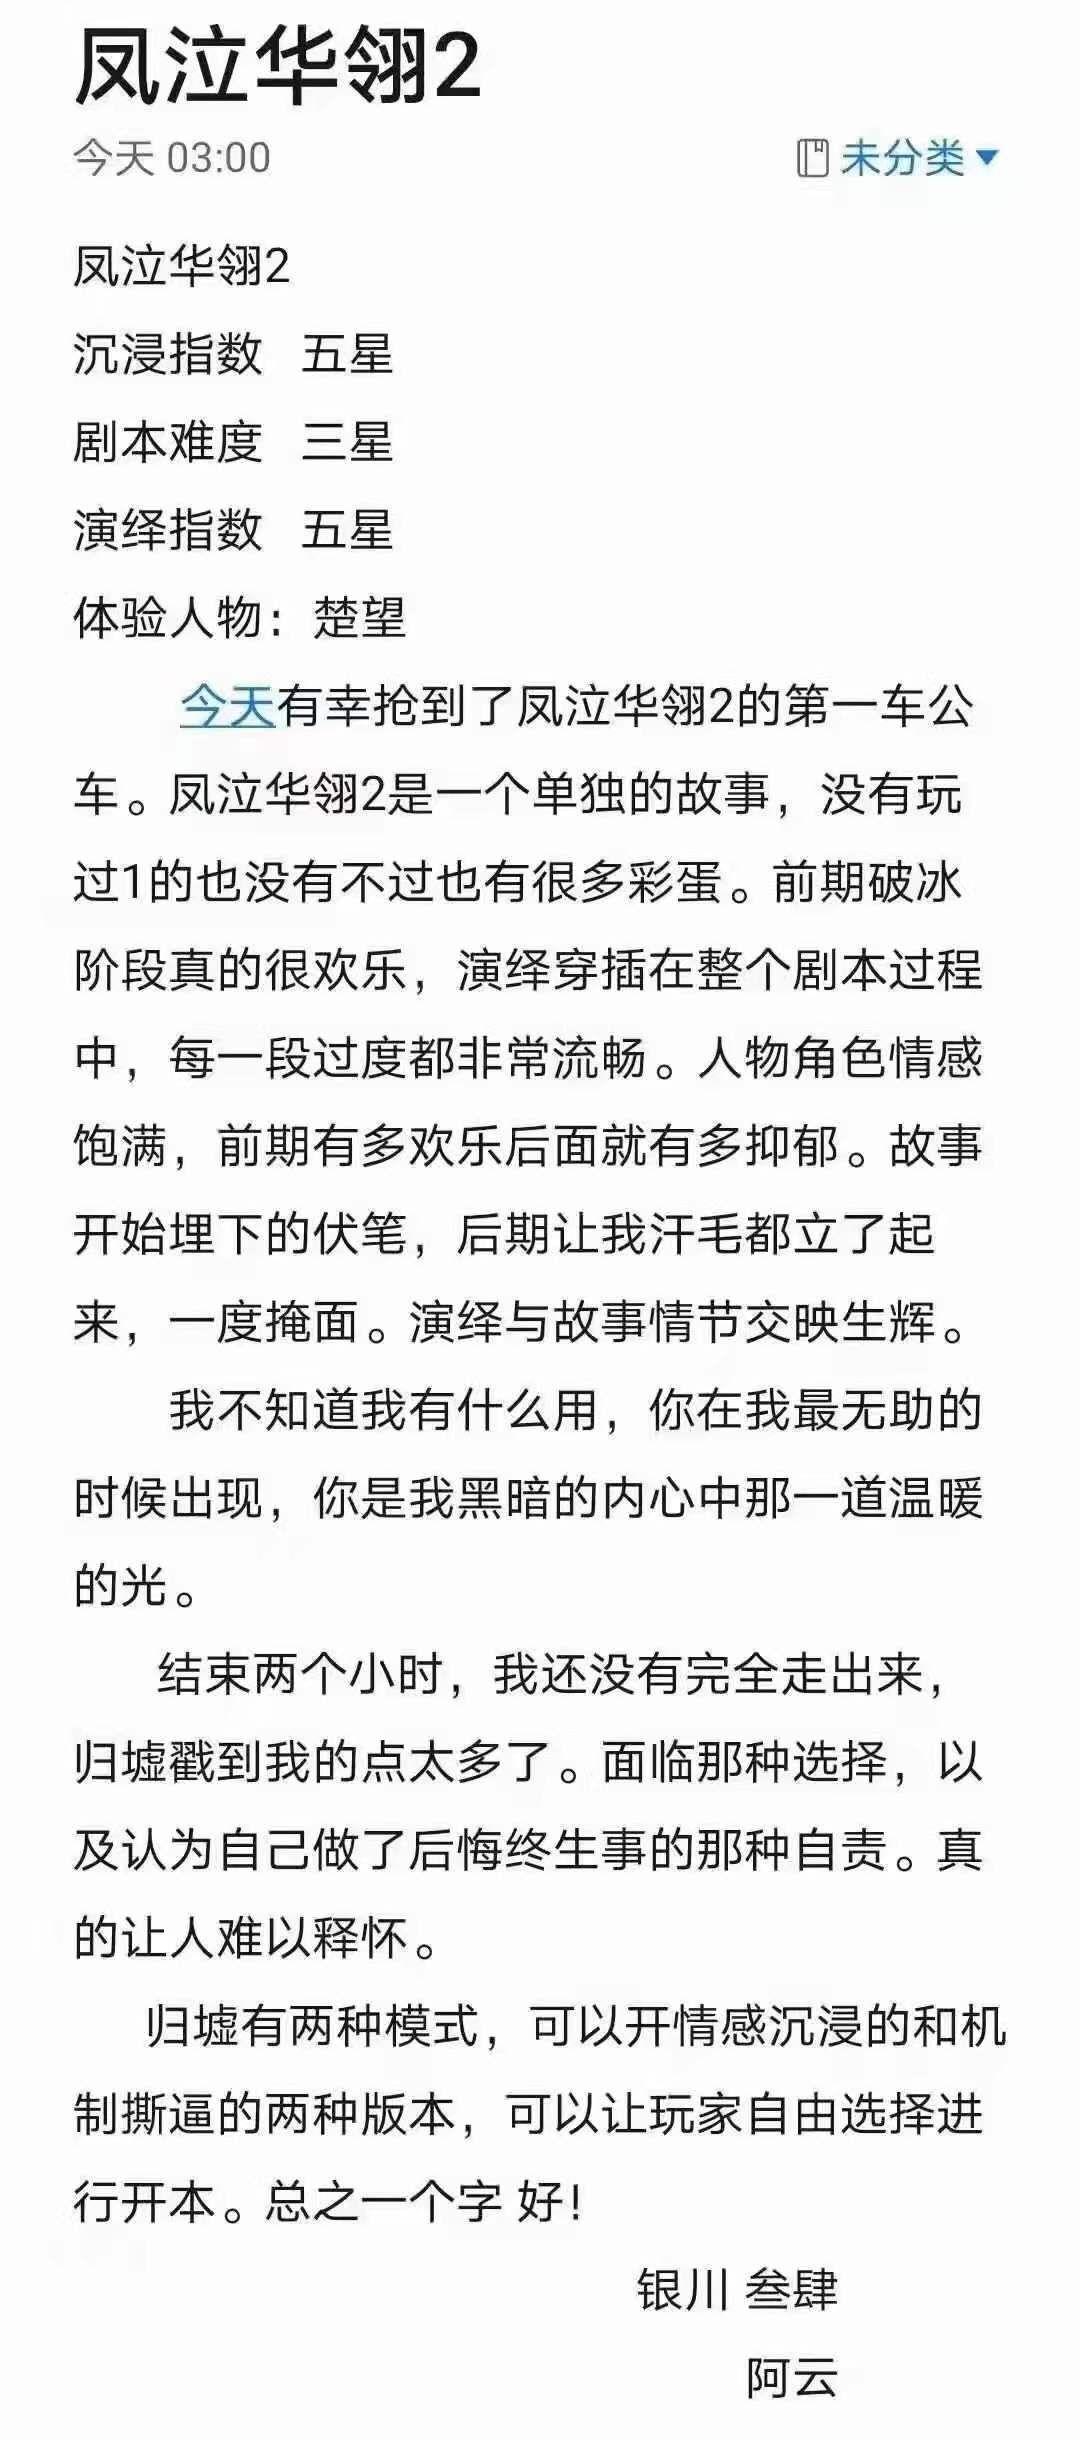 『凤泣华翎2归墟』剧本杀复盘真相答案 解析凶手是谁 剧透测评